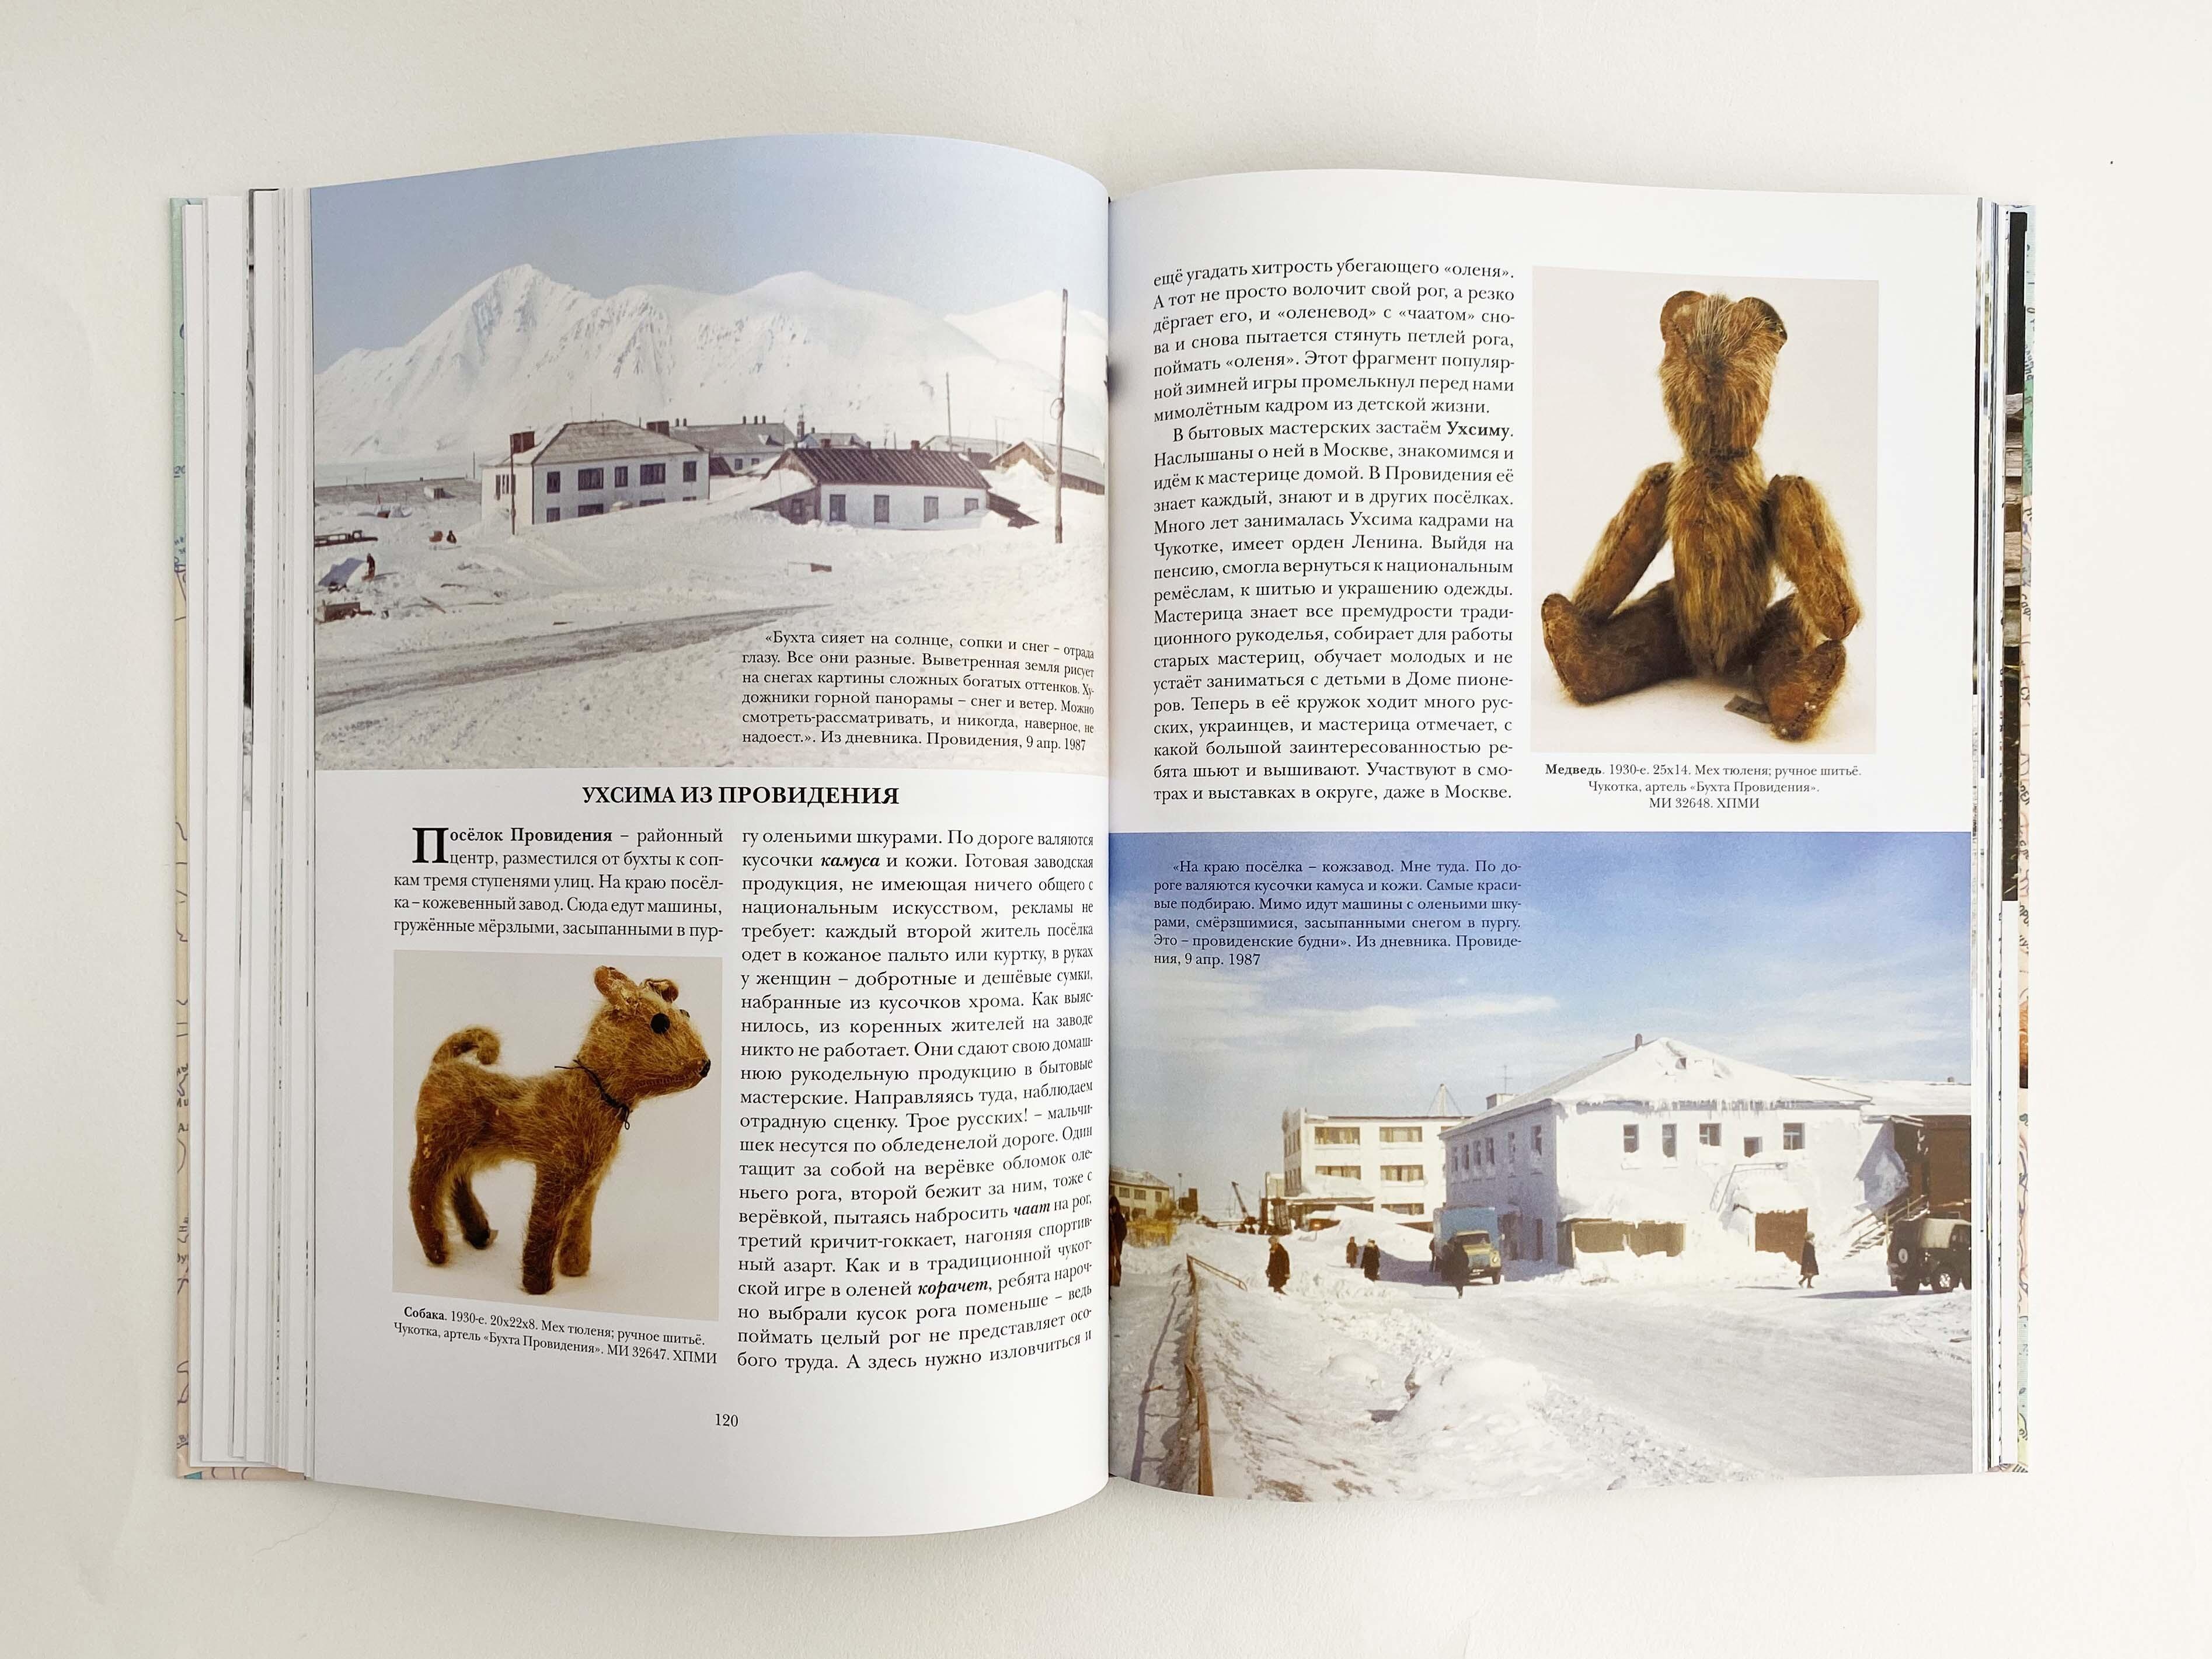 ロシア玩具図鑑7(おもちゃを探してロシアを巡って)